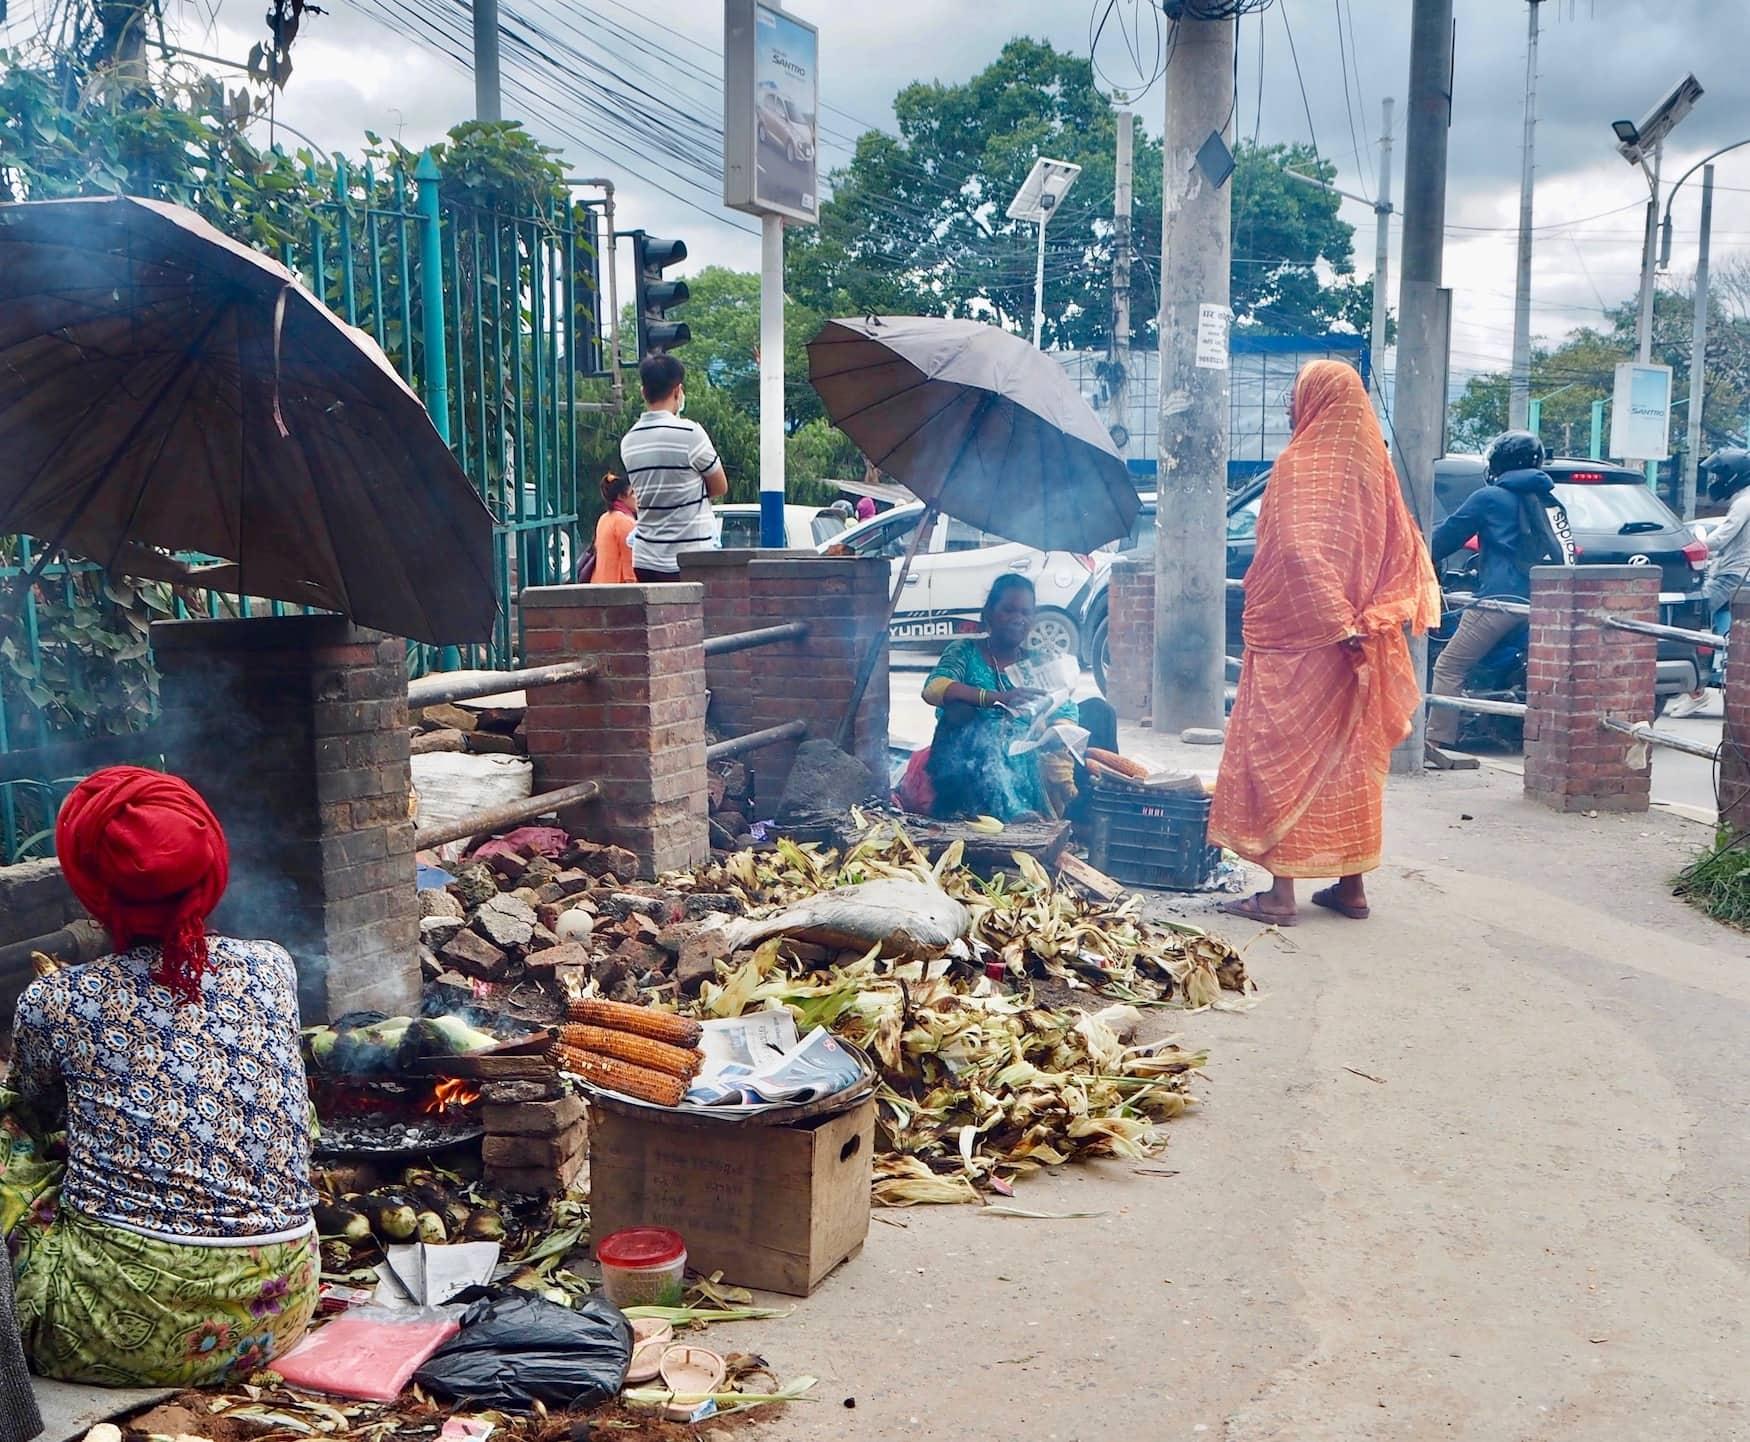 Frauen und Männer verkaufen gegrillte Maiskolben an Straßenrand in Kathmandu, Nepal